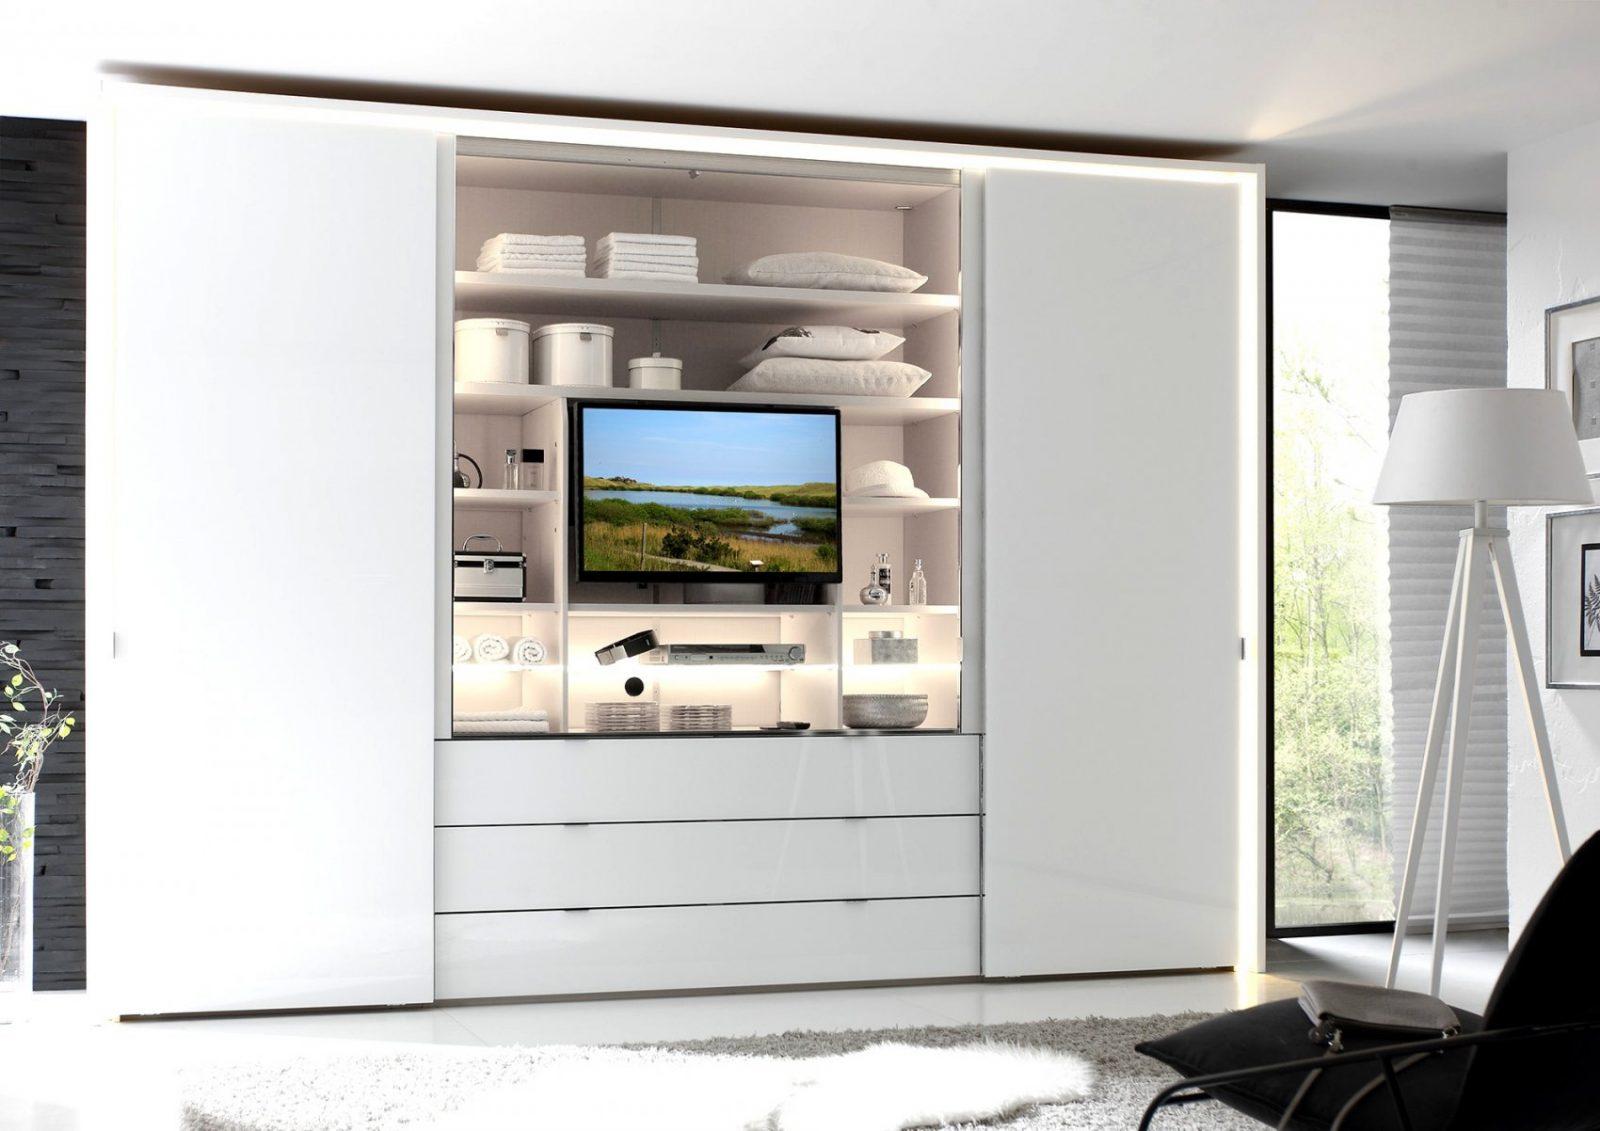 Charmant Kleiderschrank Mit Tv Fotos Die Kinderzimmer Design Von von Schlafzimmerschrank Mit Tv Fach Bild